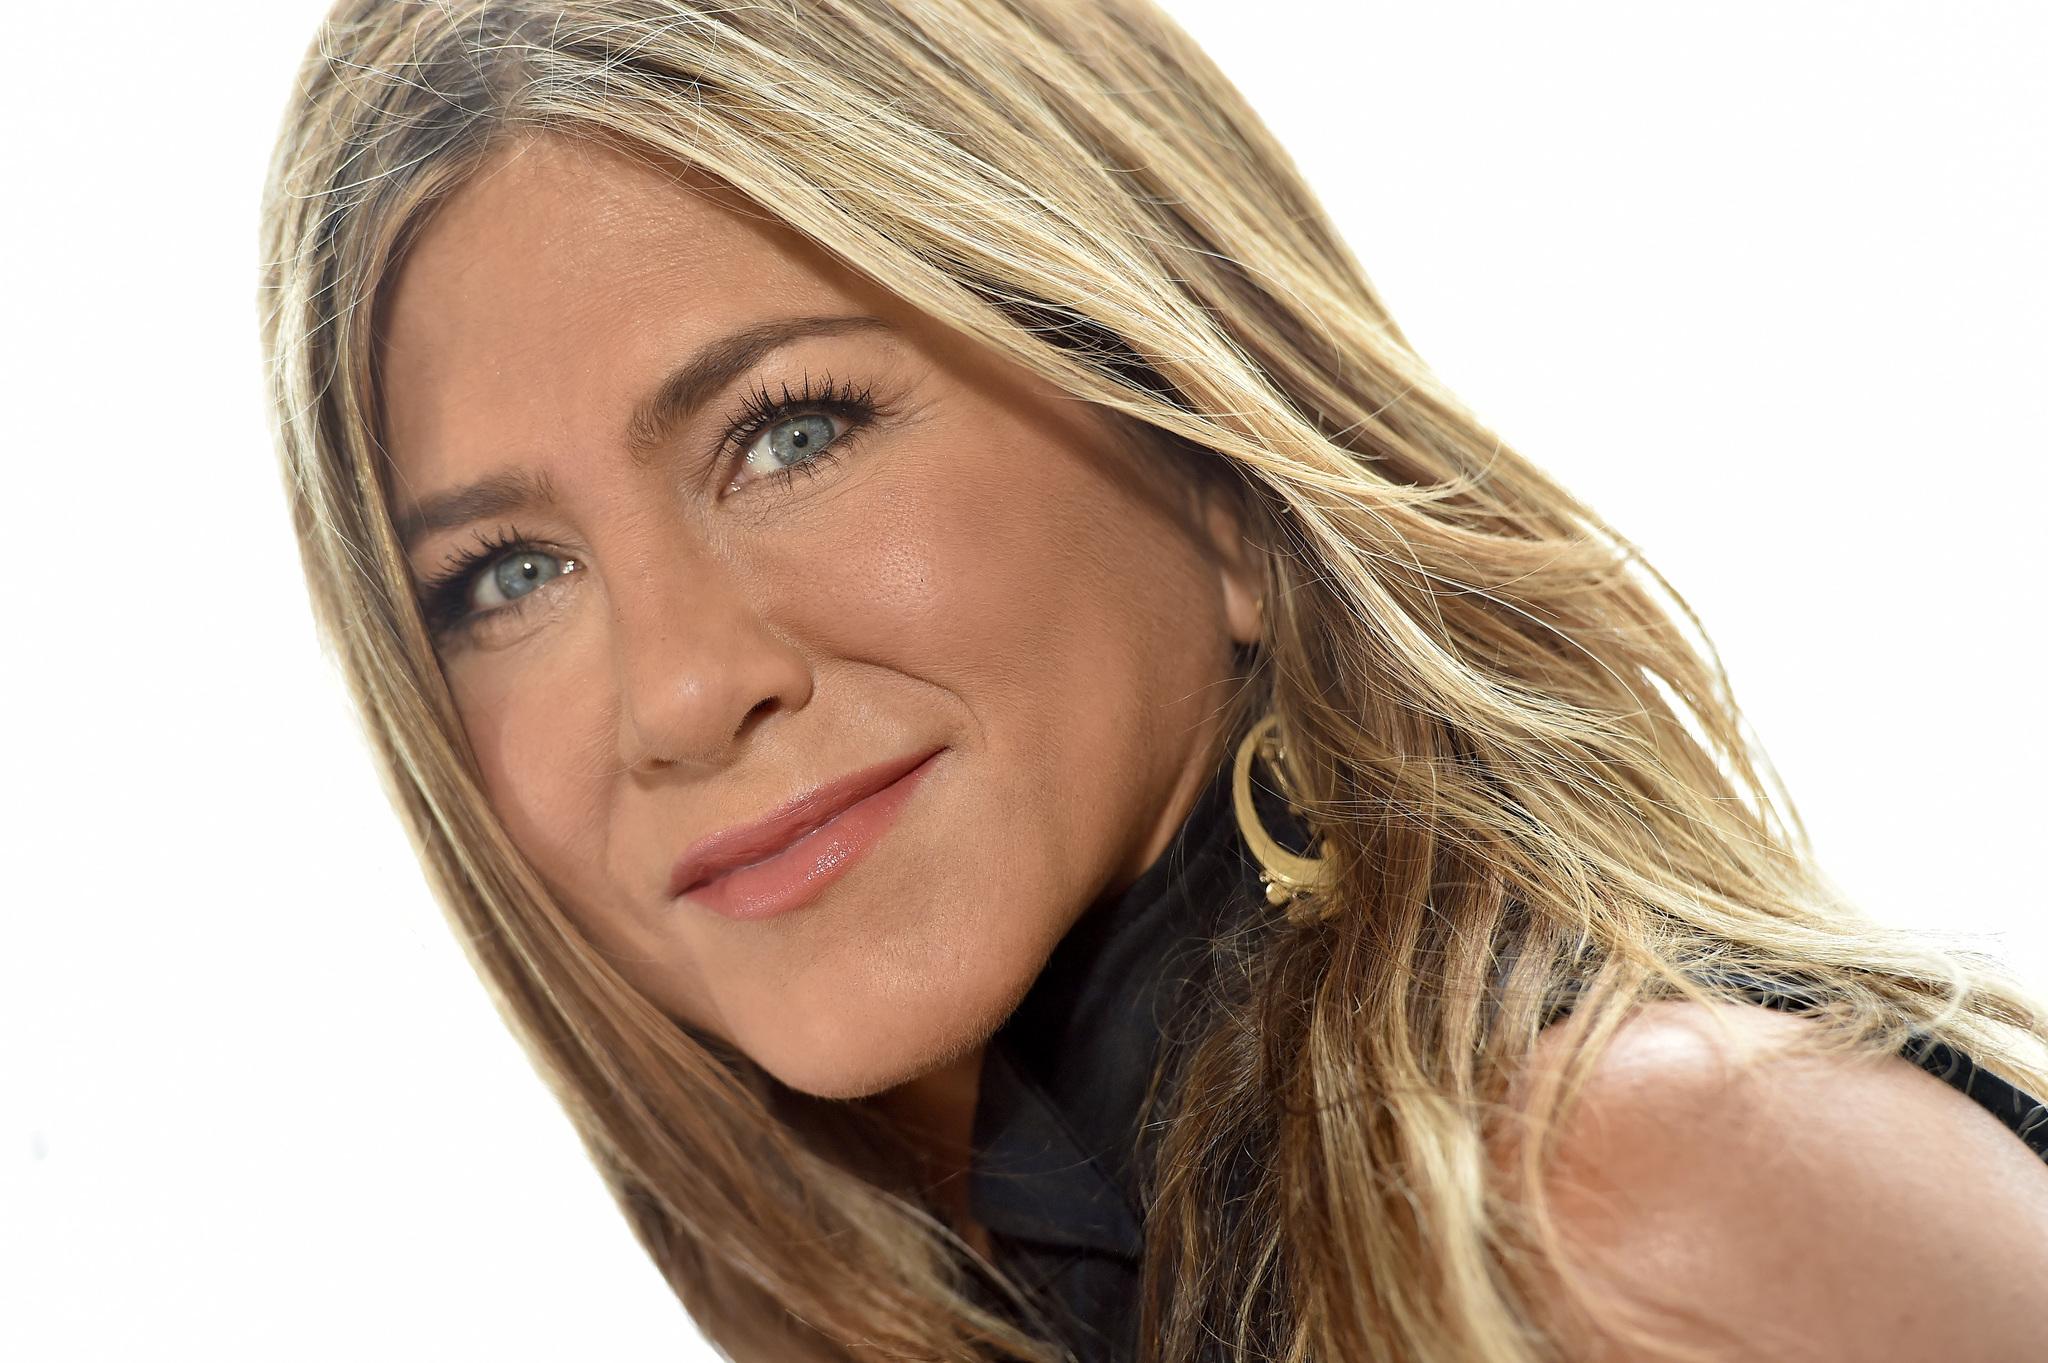 Las mechas babylights de Jennifer Aniston se adaptan a todo tipo de tonos de pelo, en especial a las bases rubias y castañas claras y aportan movimiento y dimensionalidad a la melena.